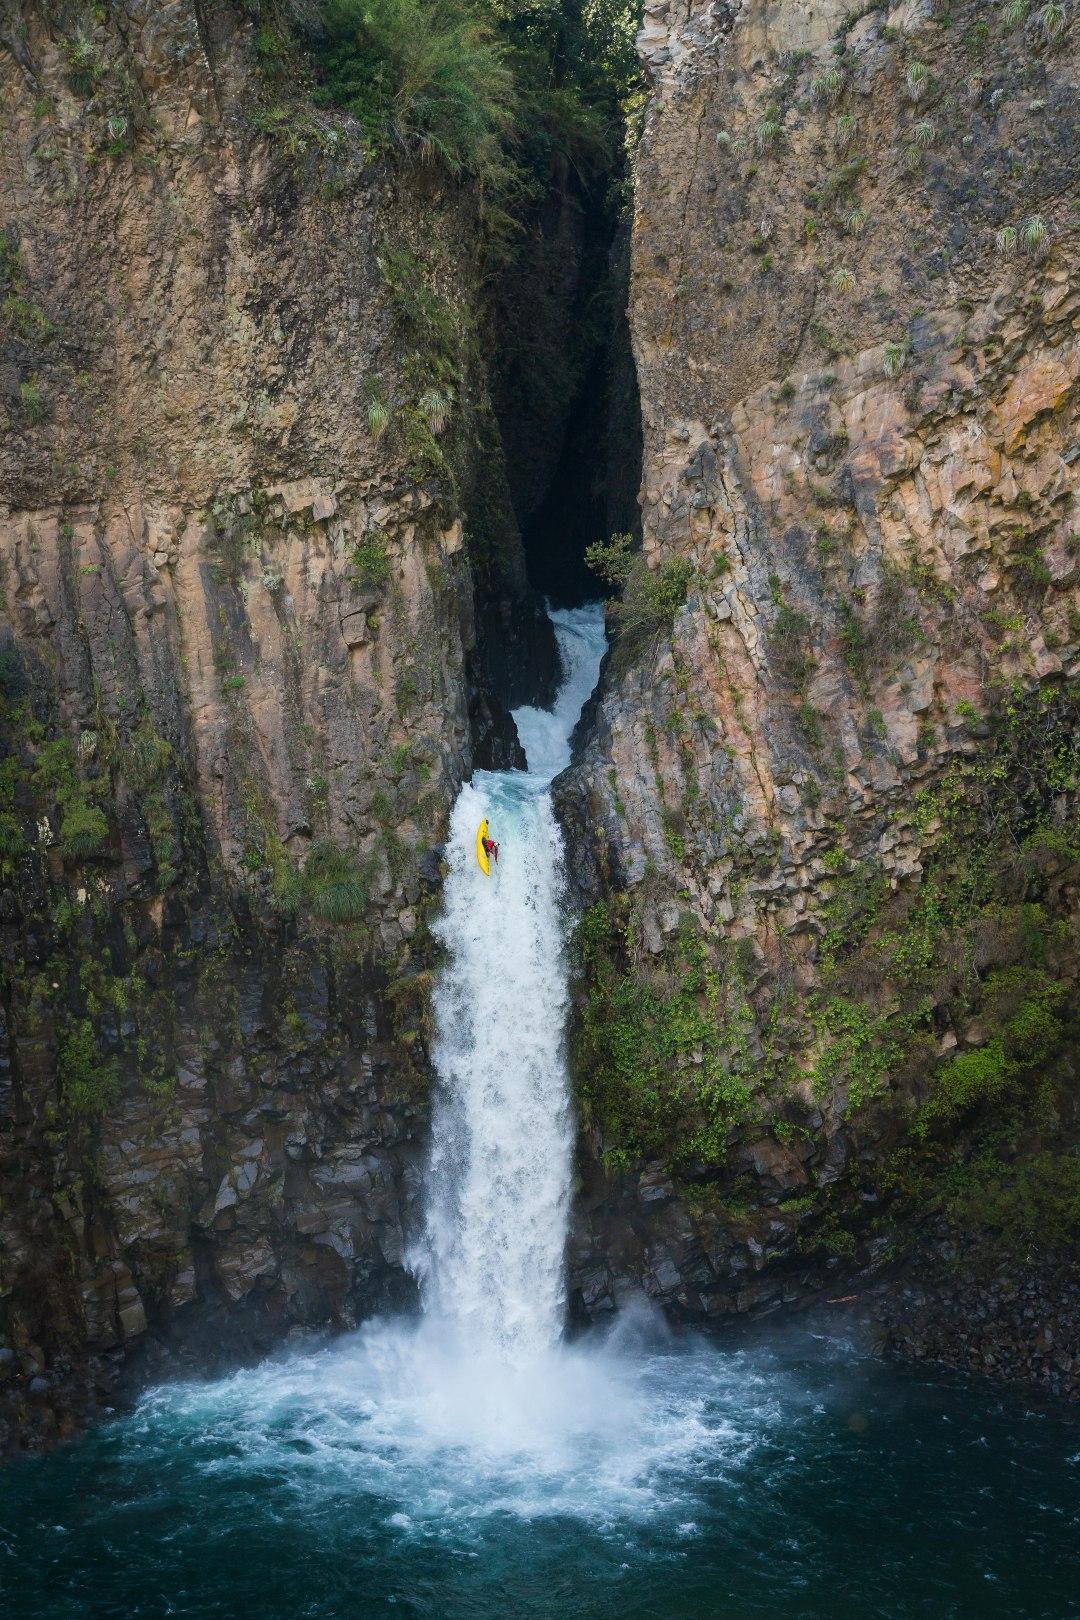 Aniol Serrasolses en el Salto La Leona, río claro, zona del Maule